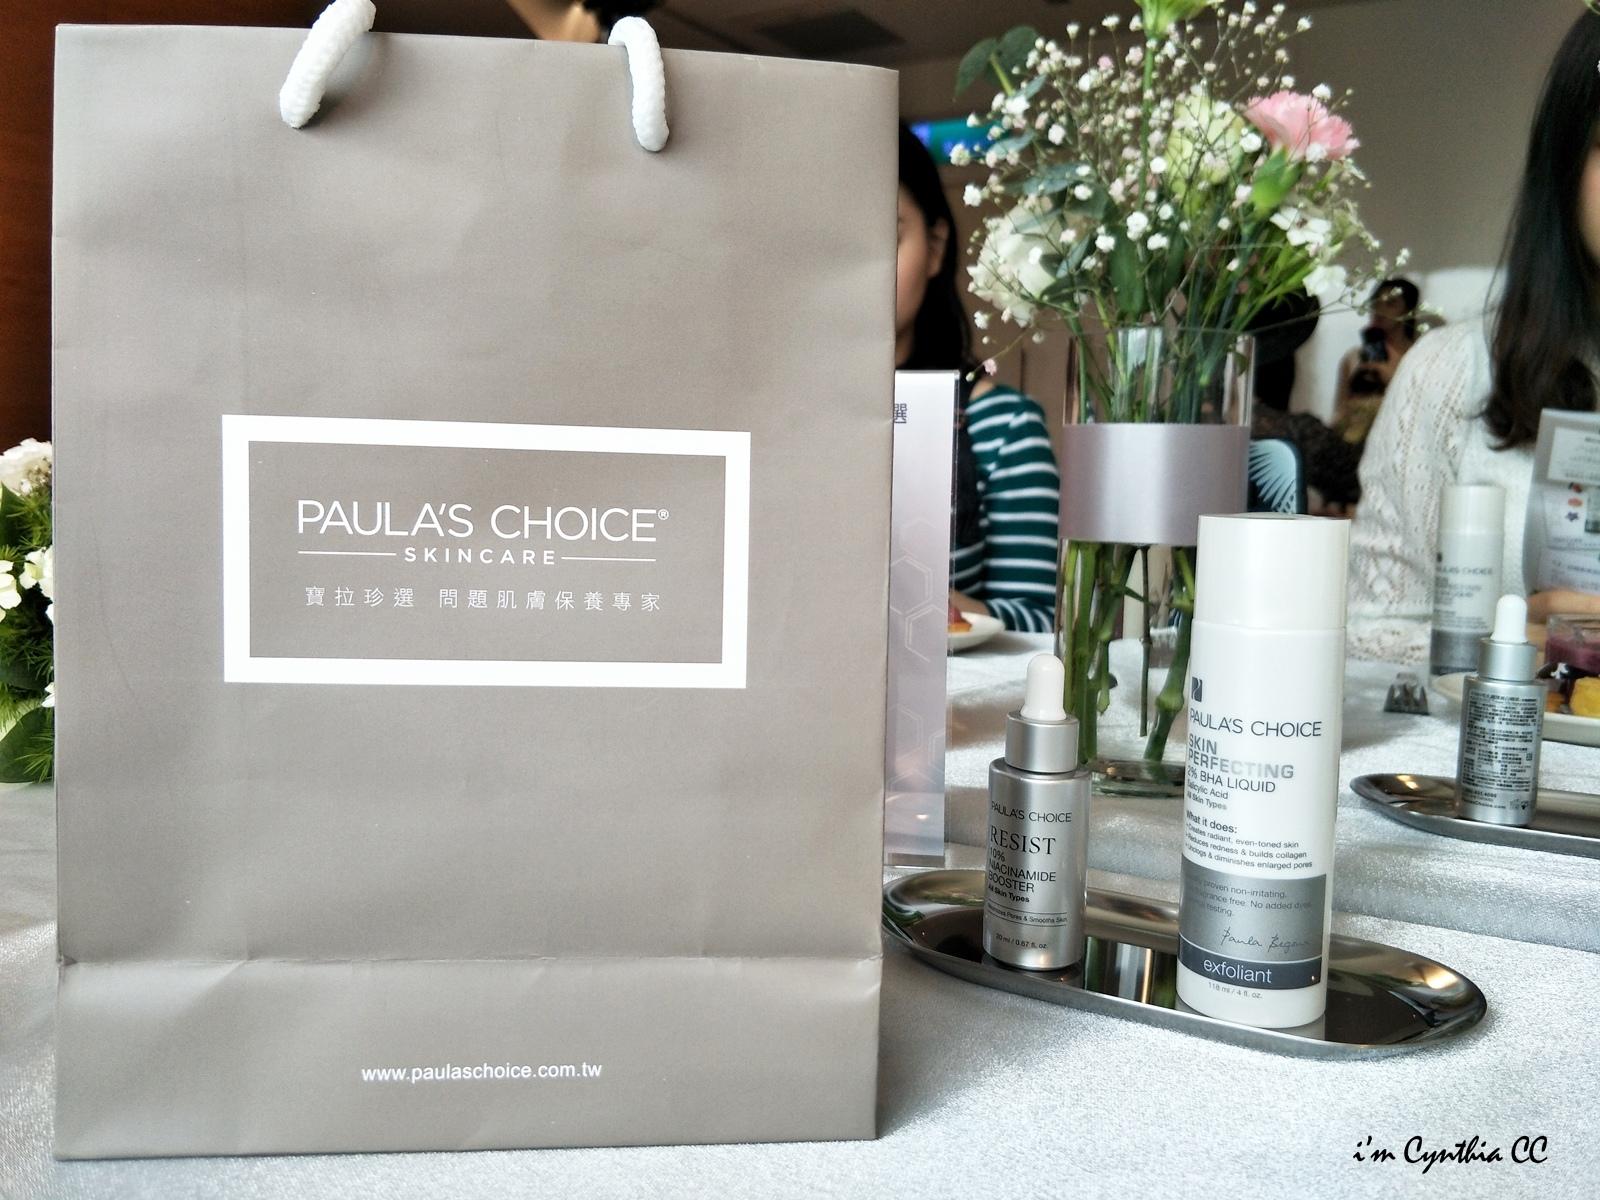 paula's choice寶拉珍選經典保養品2%水楊酸精華液十週年活動